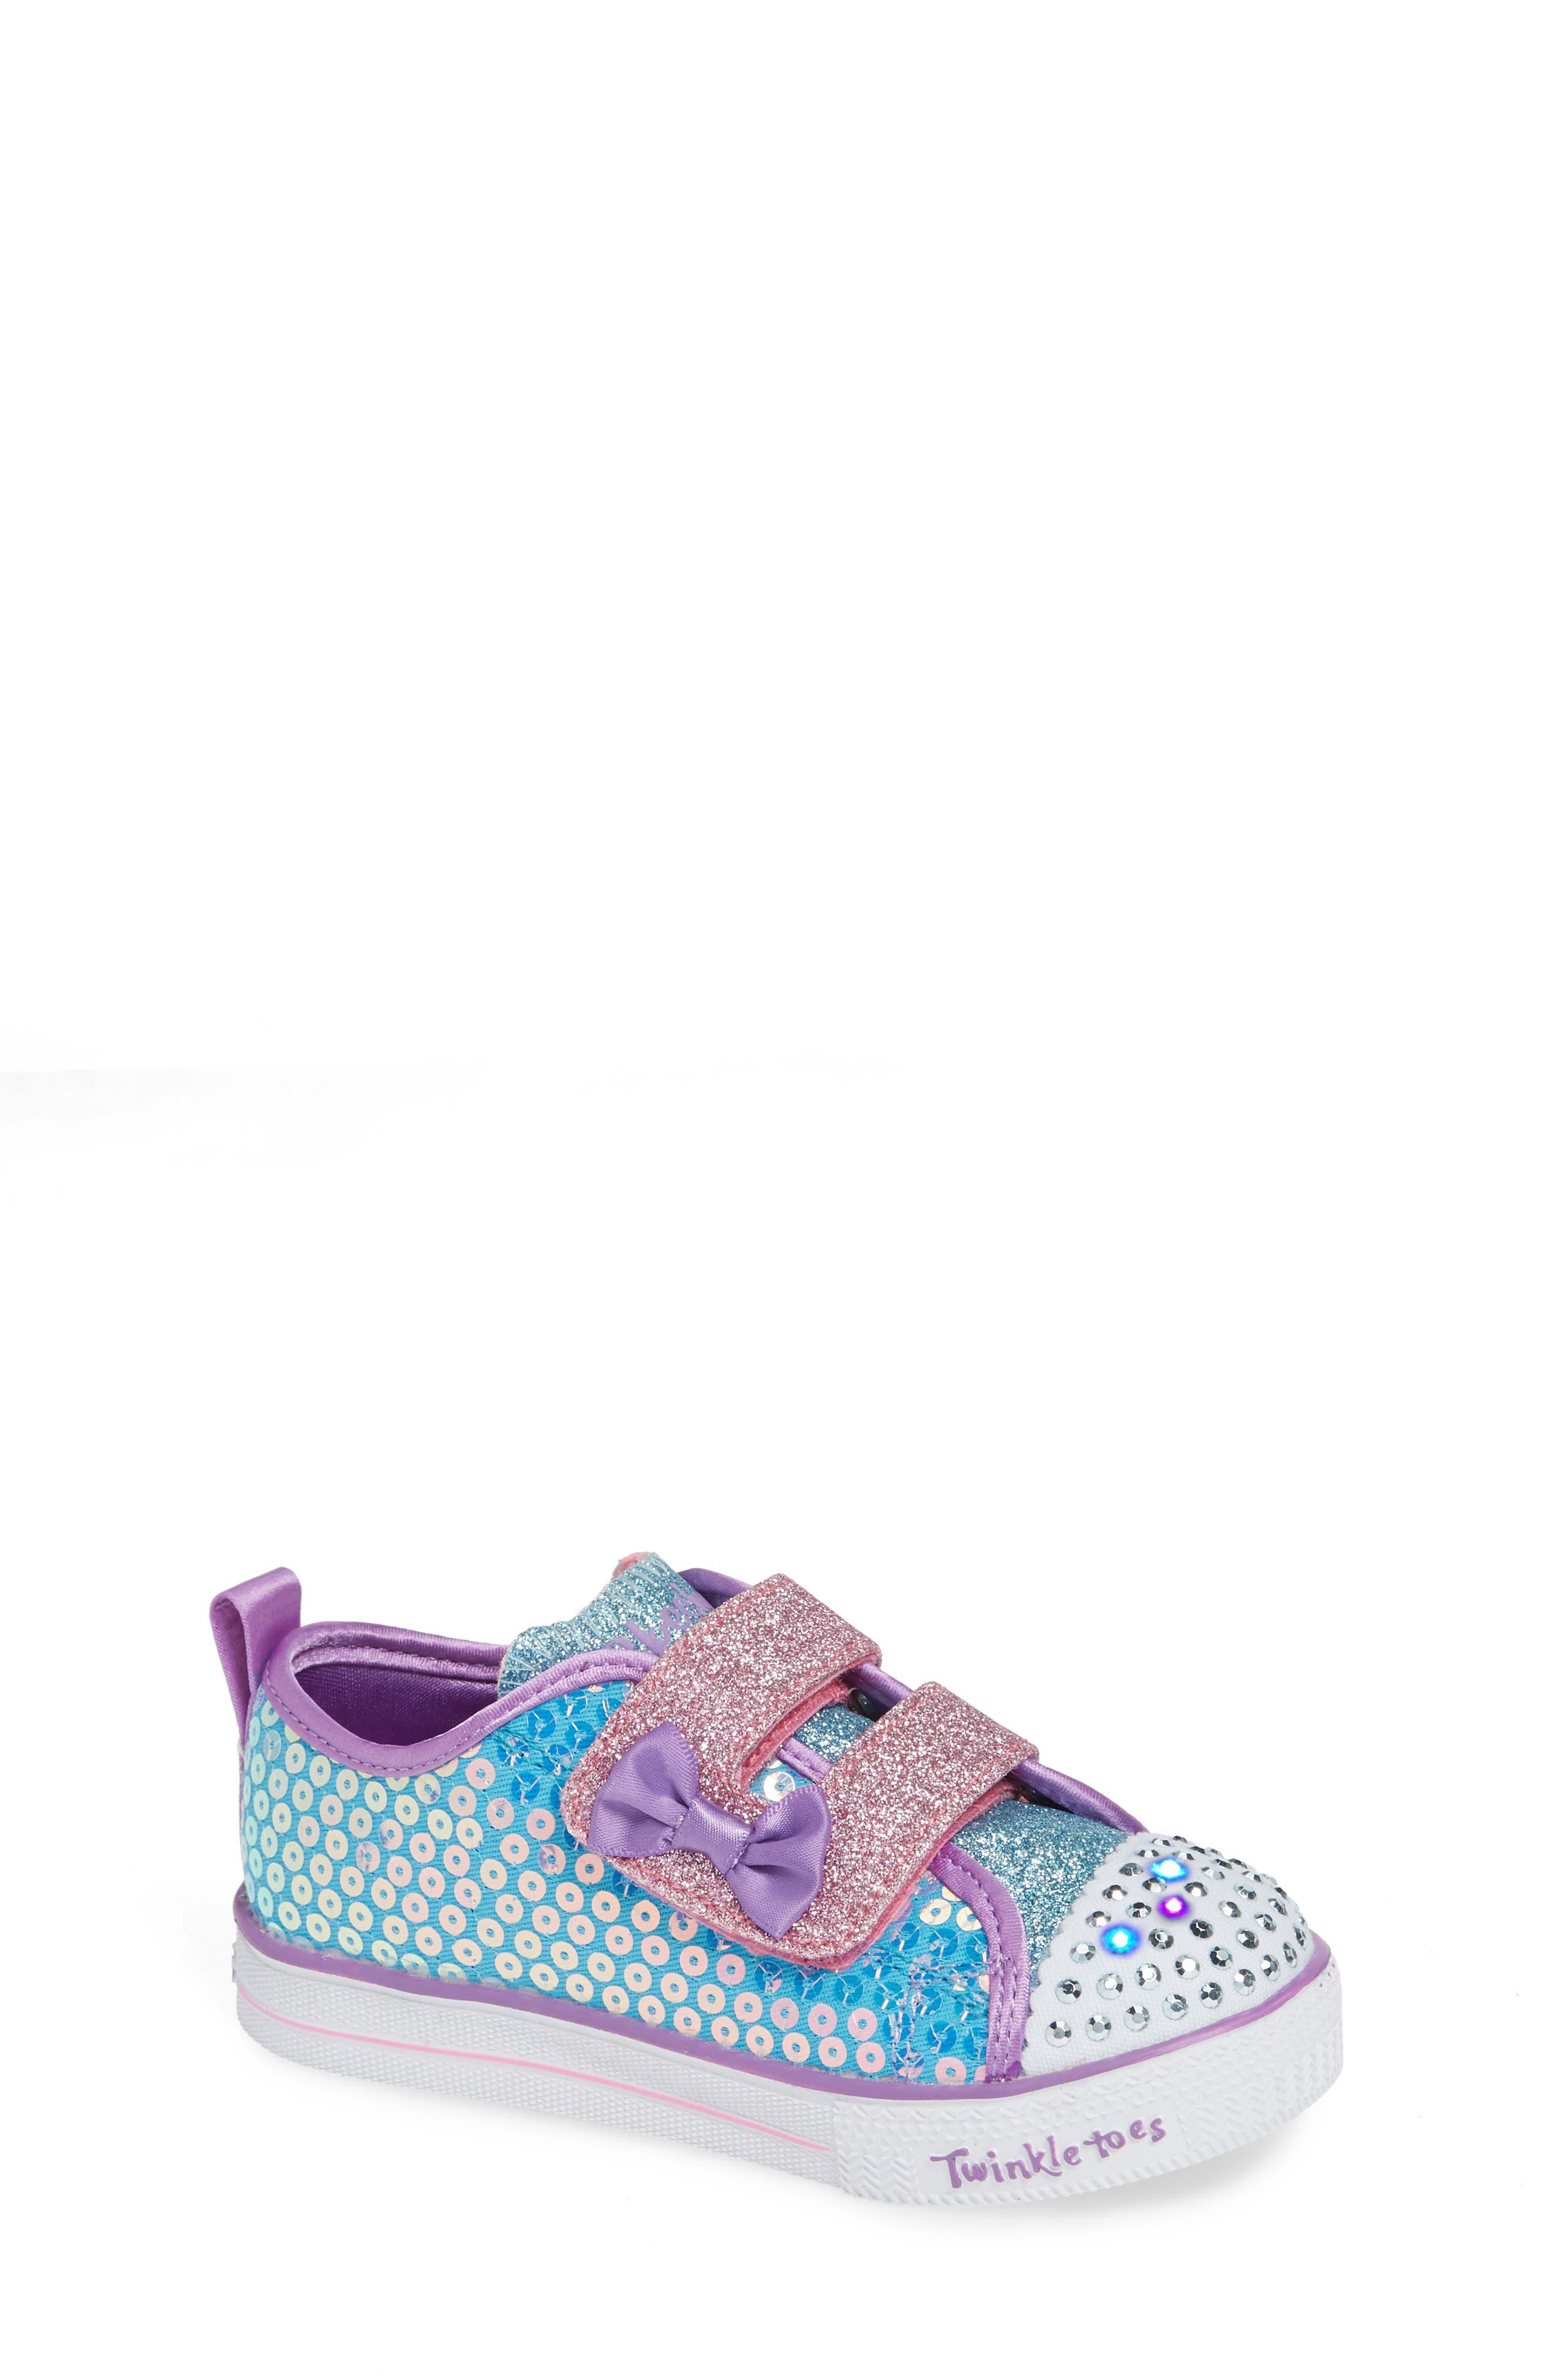 Shuffle Lite Glitter Sneaker,                             Alternate thumbnail 7, color,                             TURQUOISE/MULTI